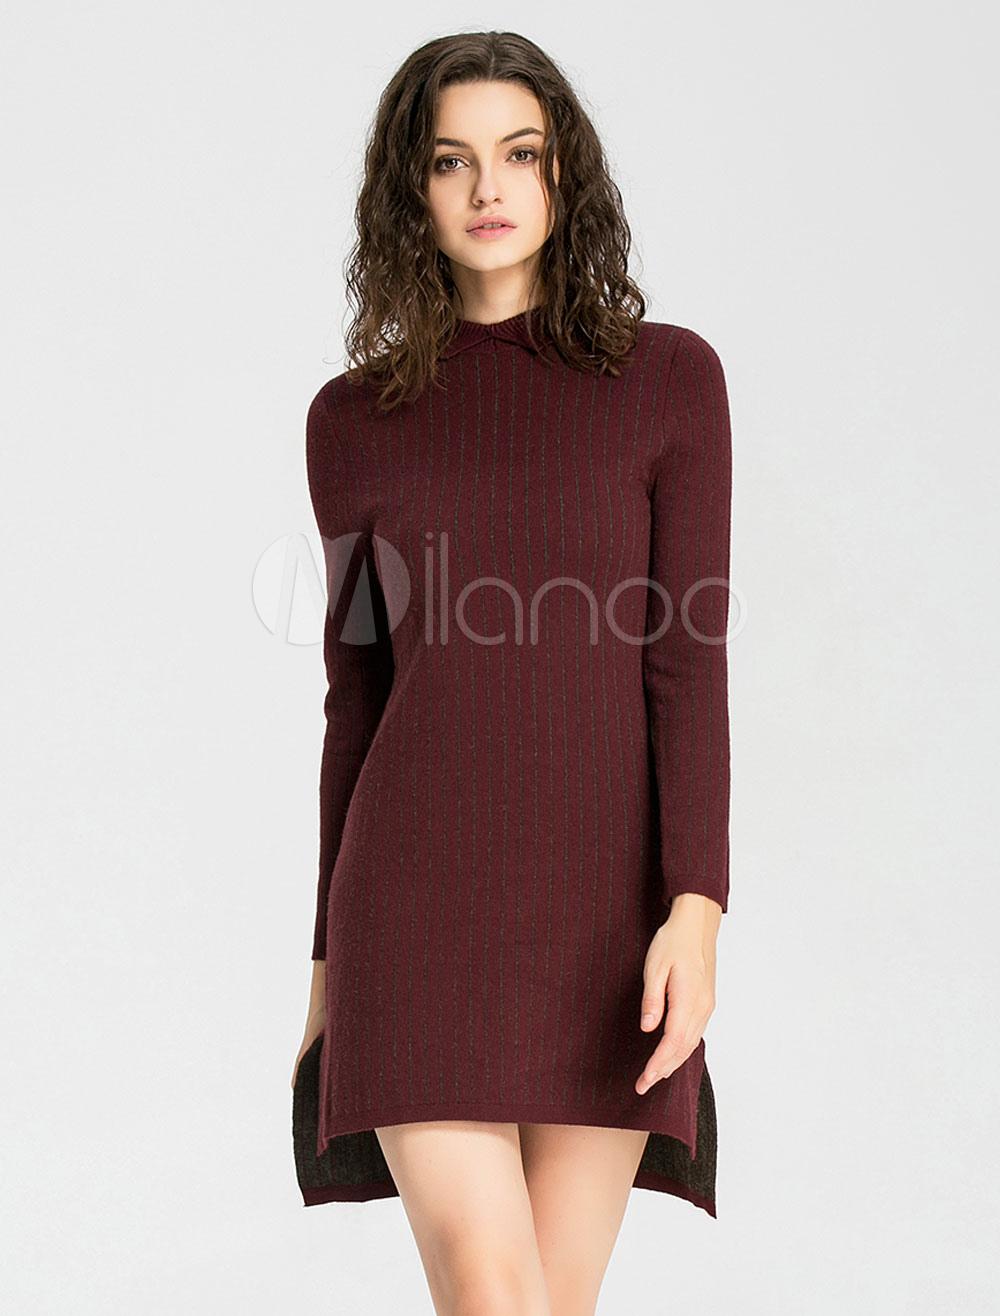 2f7c6c3b43e5 Fabuleuse robe pull Longueur cheville casual avec rayure et tricot devant  court et derrière long col ras du cou travail - Milanoo.com